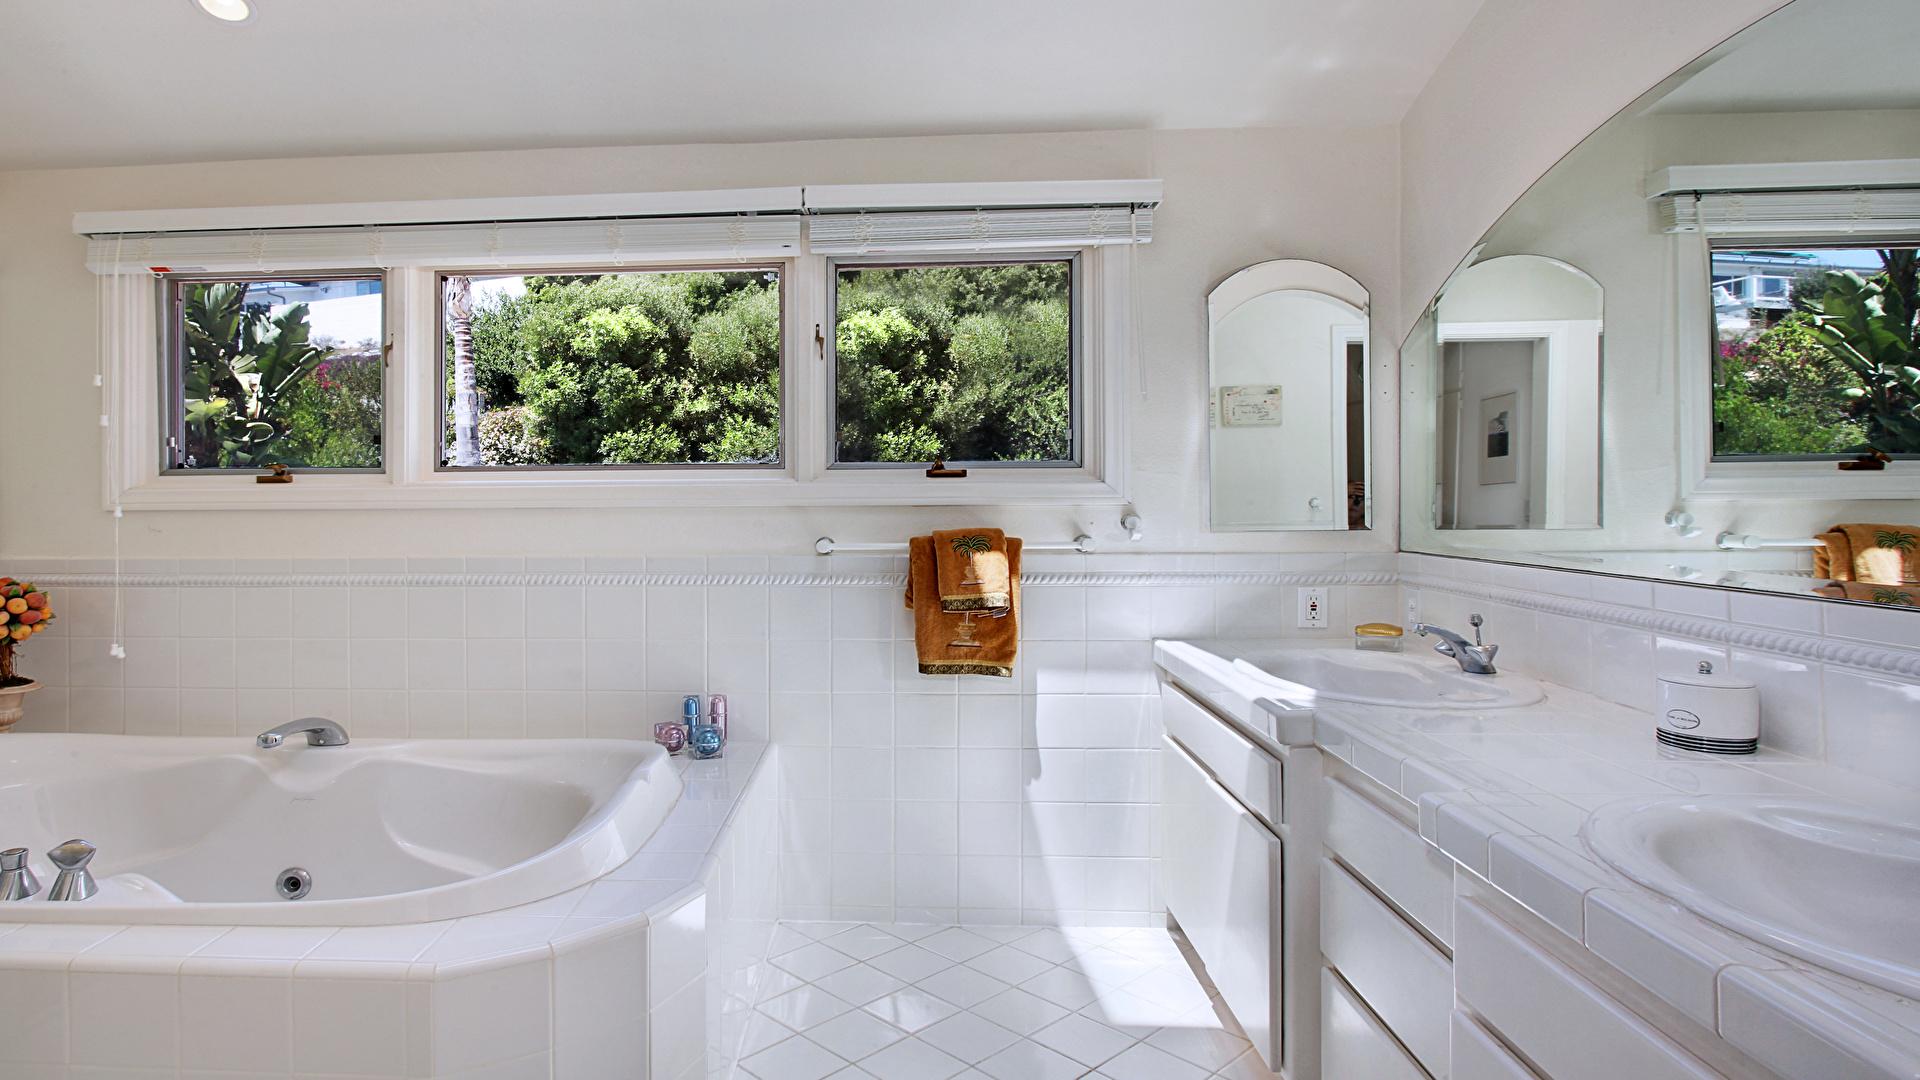 Hintergrundbilder Badezimmer Innenarchitektur Fenster 1920x1080